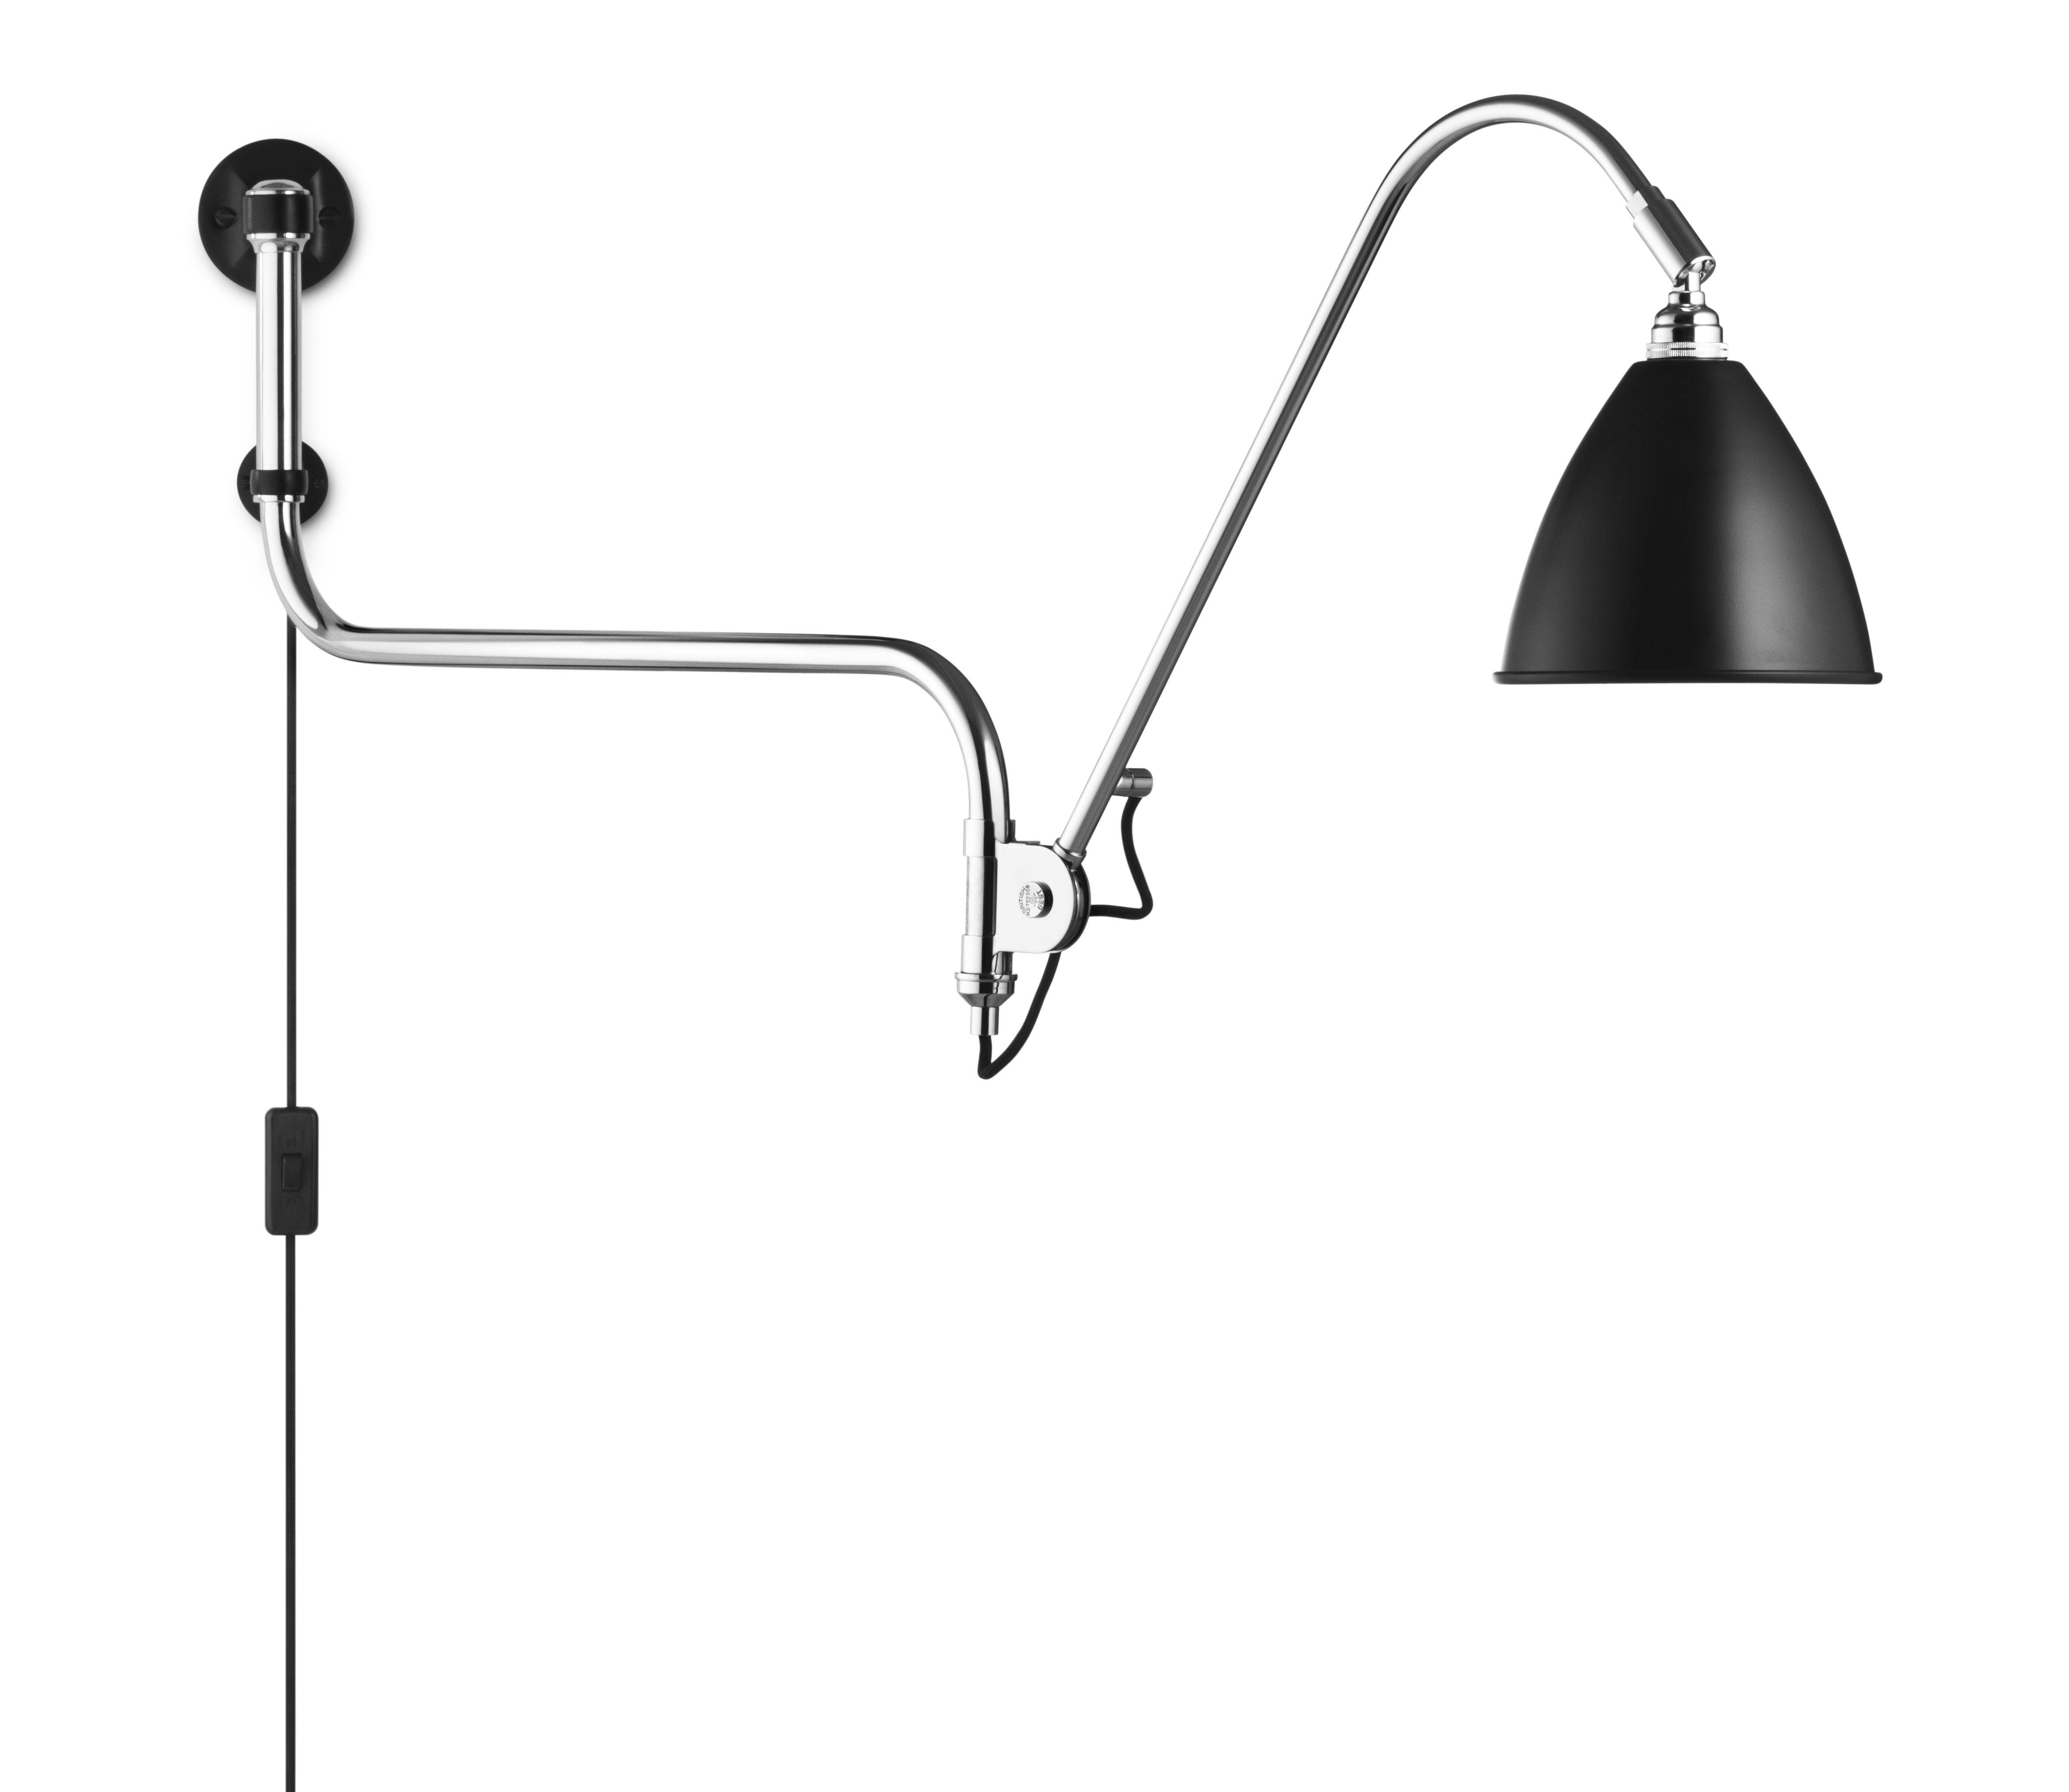 Illuminazione - Lampade da parete - Applique con presa Bestlite BL10 - Riedizione del 1930 di Gubi - Nero - Metallo cromato